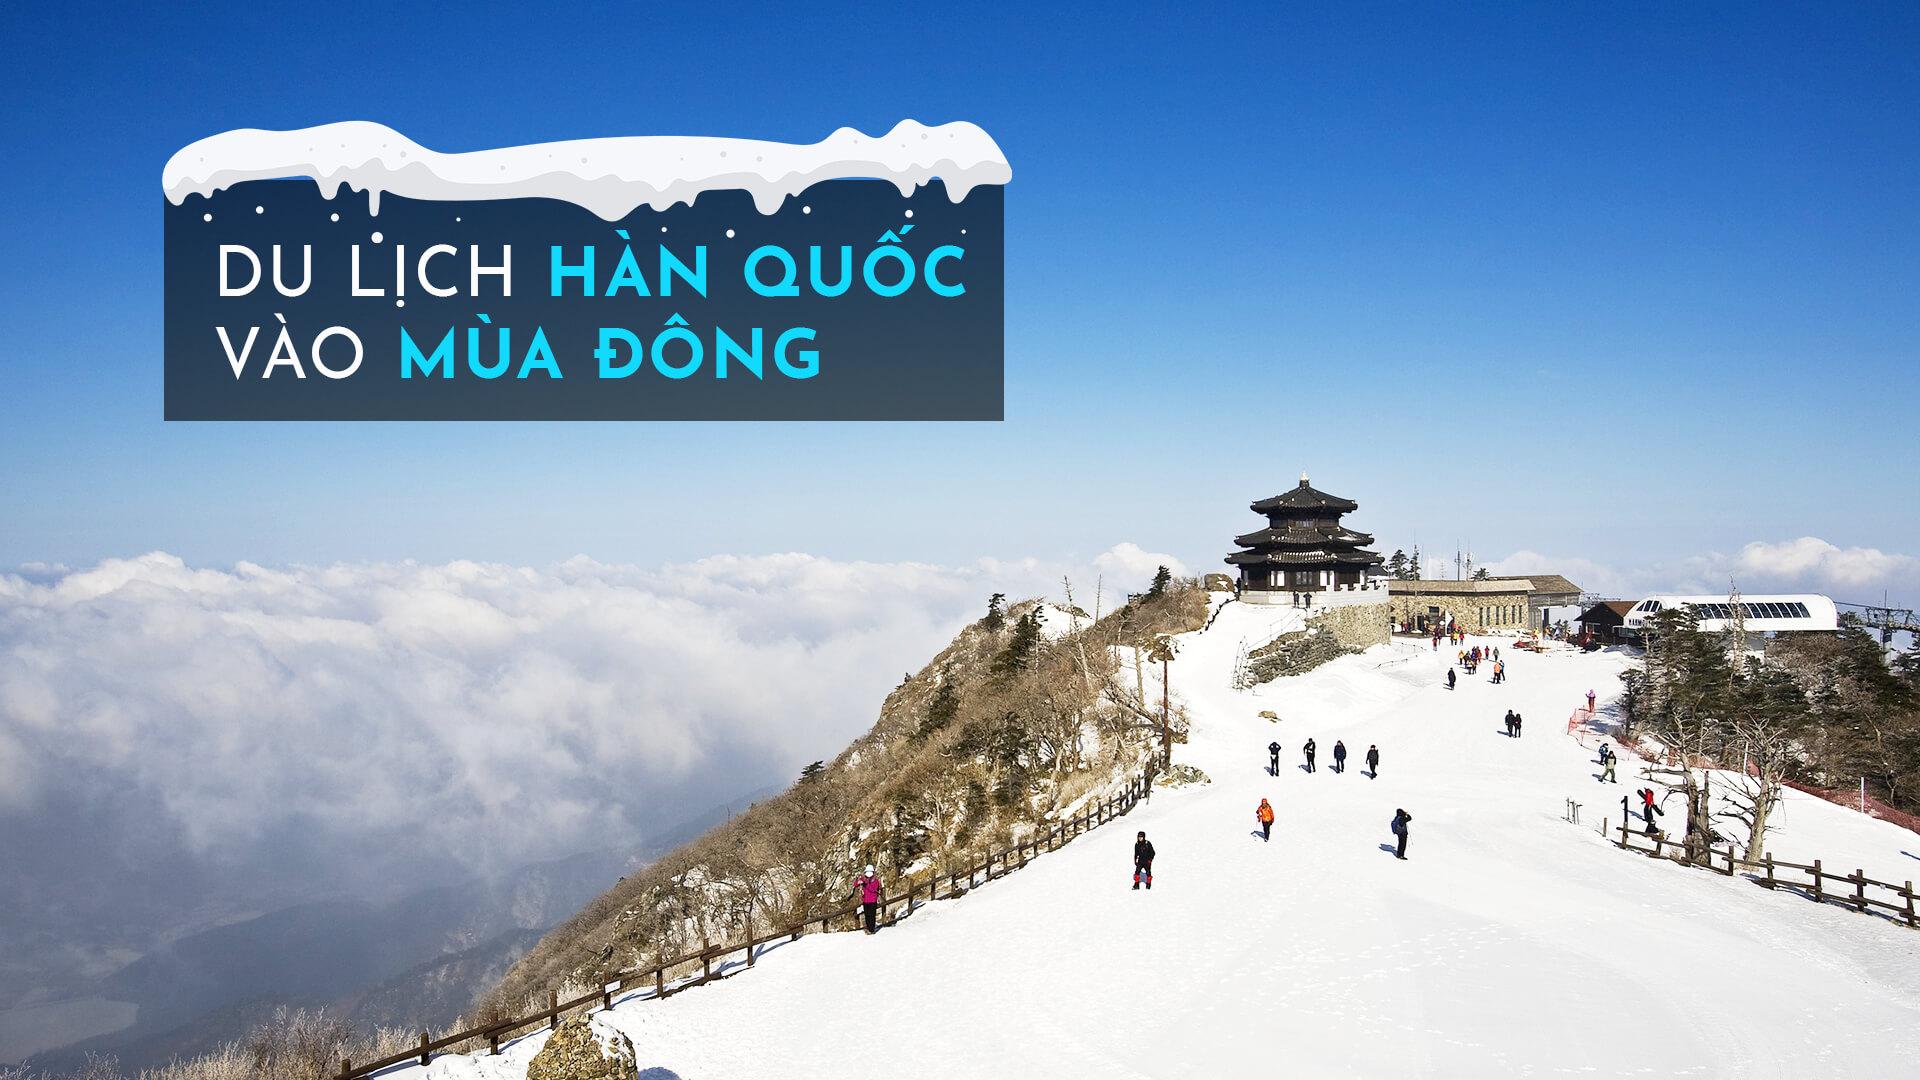 Top 7 tour du lịch Hàn Quốc mùa đông tham gia trượt tuyết hấp dẫn nhất